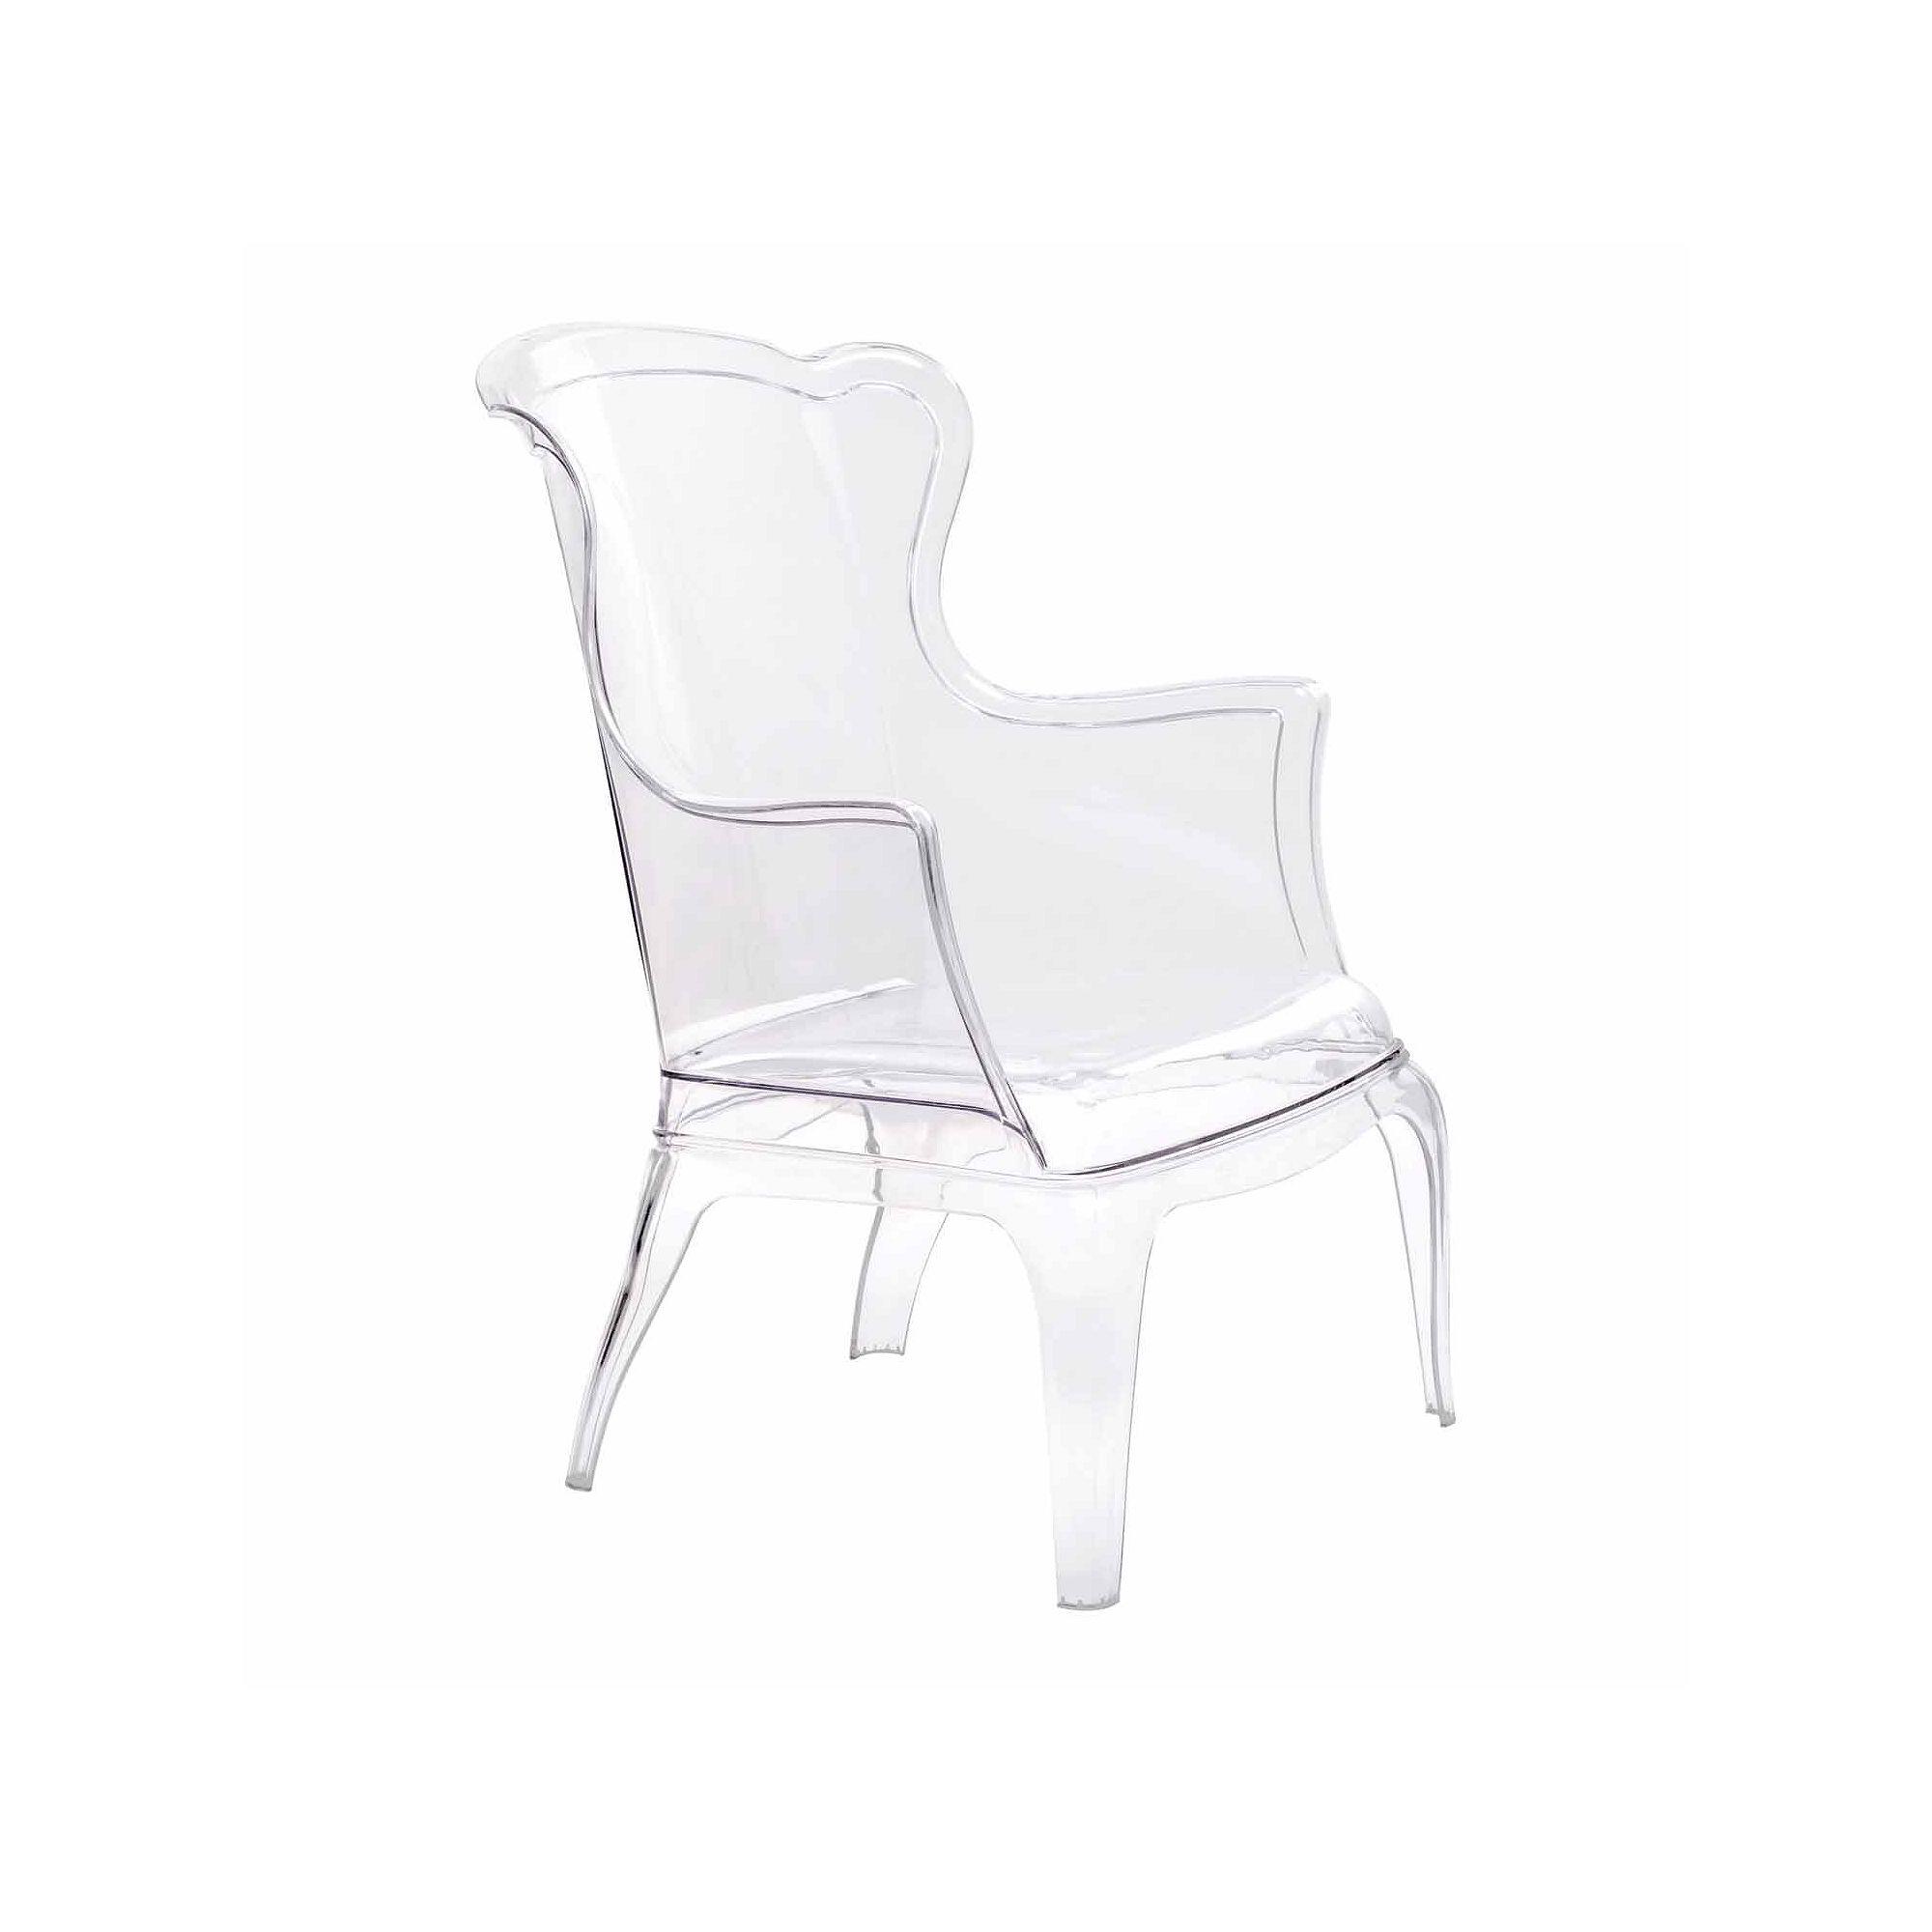 Zuo Modern Allegiance Club Chair